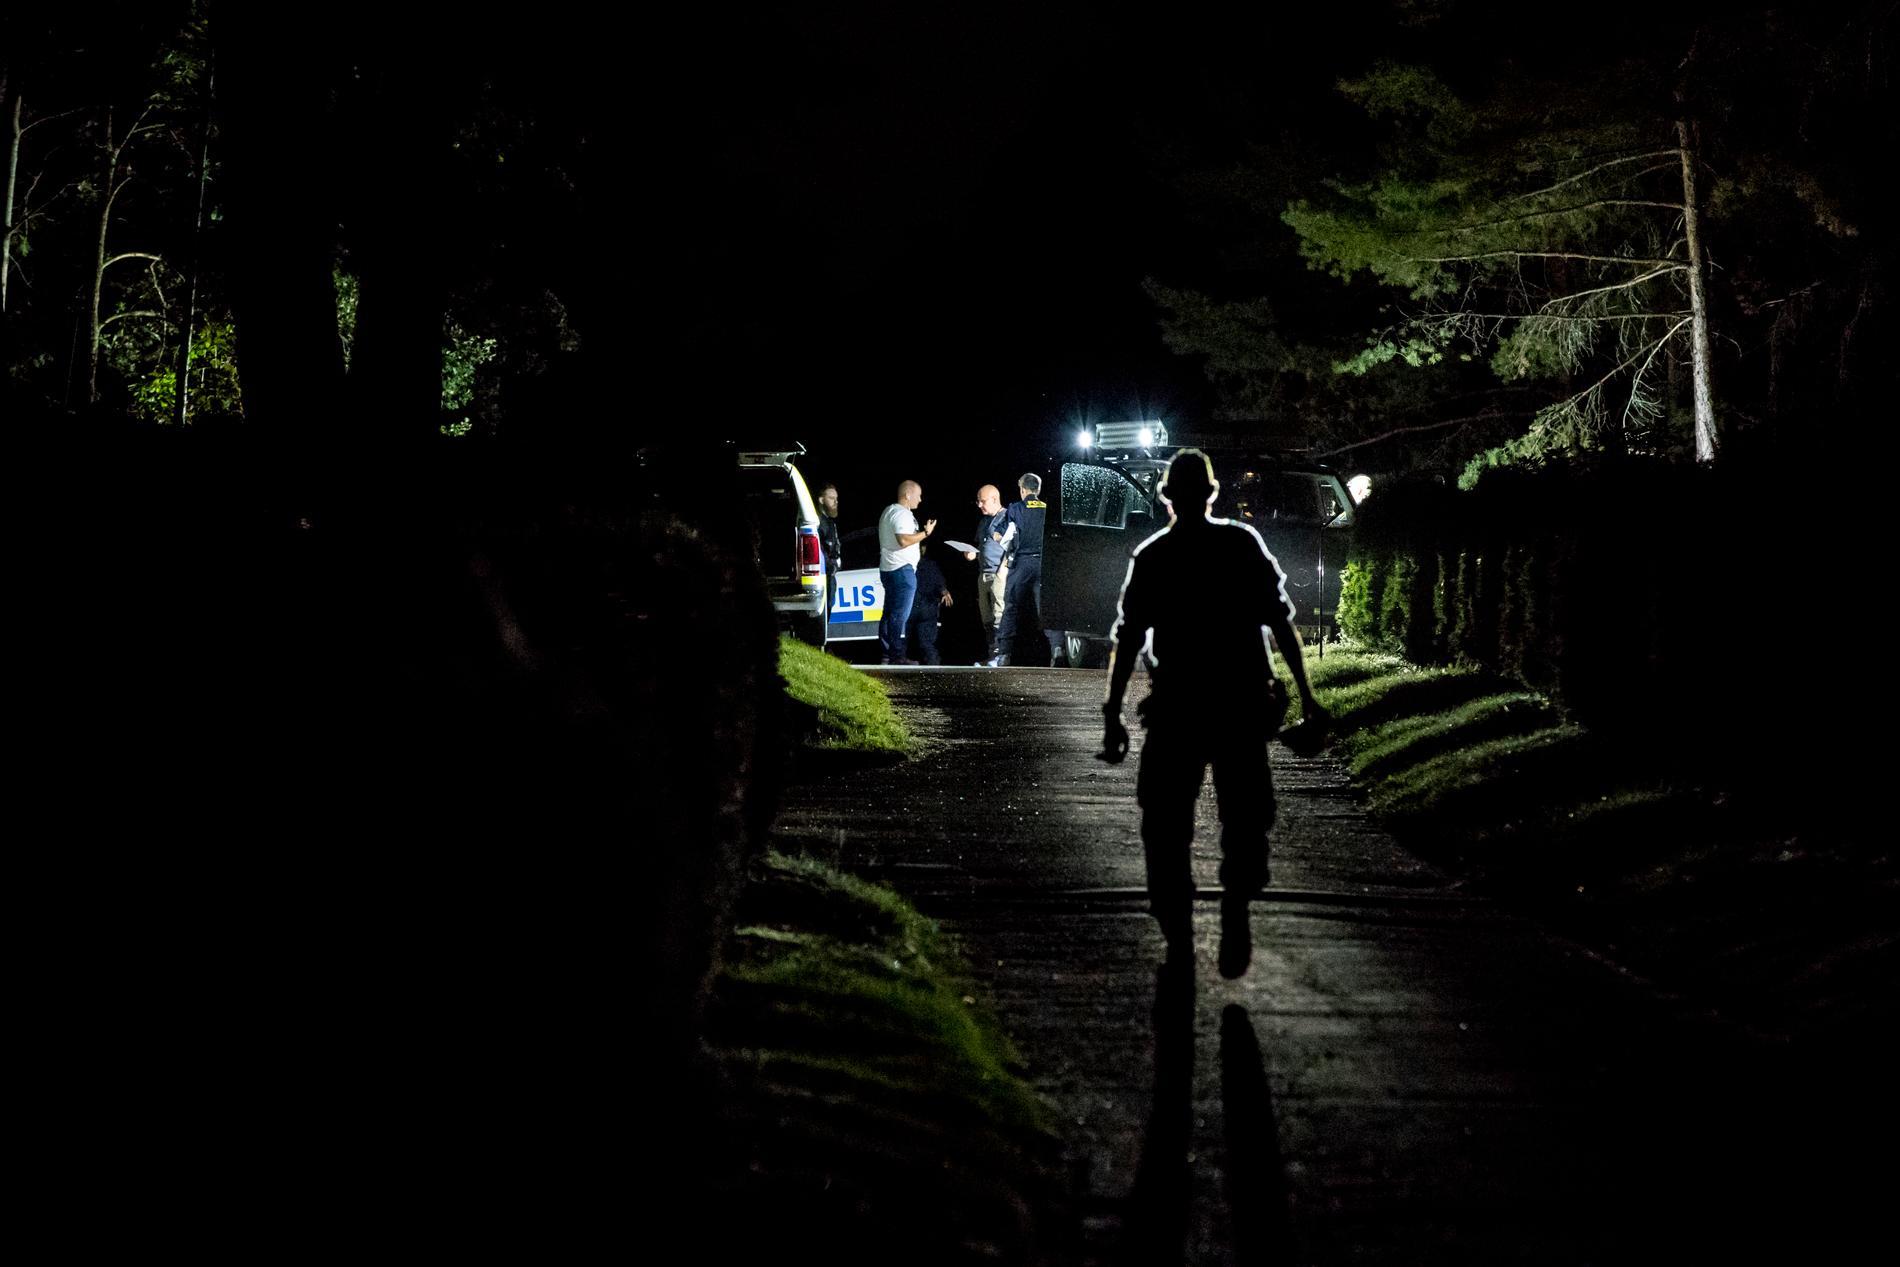 De två minderåriga pojkarna fördes in på kyrkogården vid 23-tiden på lördagskvällen och sedan misshandlads under flera timmar.